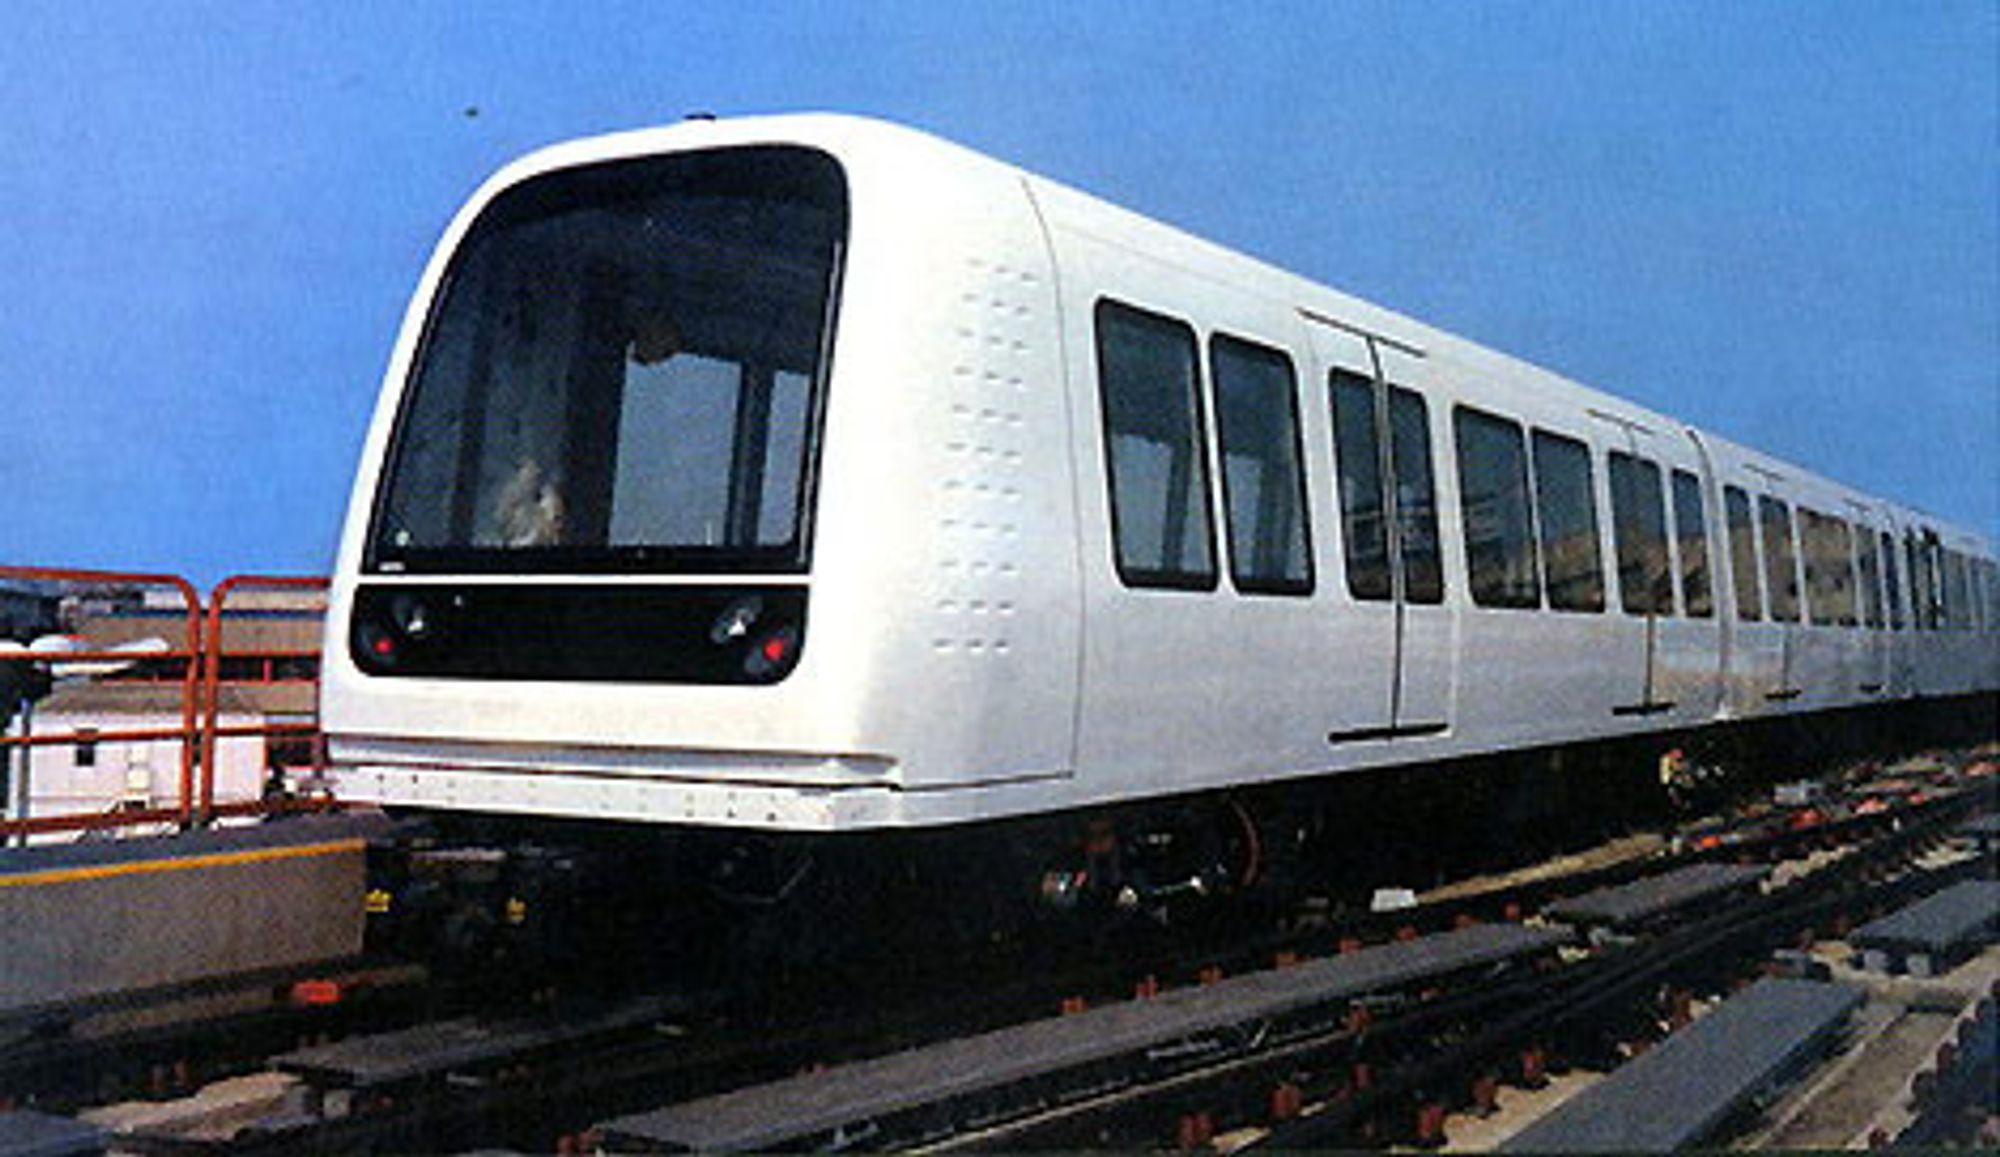 Den italienske byen Brescia skal også få førerløs metro, slik København (bildet) allerede har. Togsettene leveres av Ansaldo. Alcatel leverer kommunikasjonsutstyret for å kjøre togene via nettet.